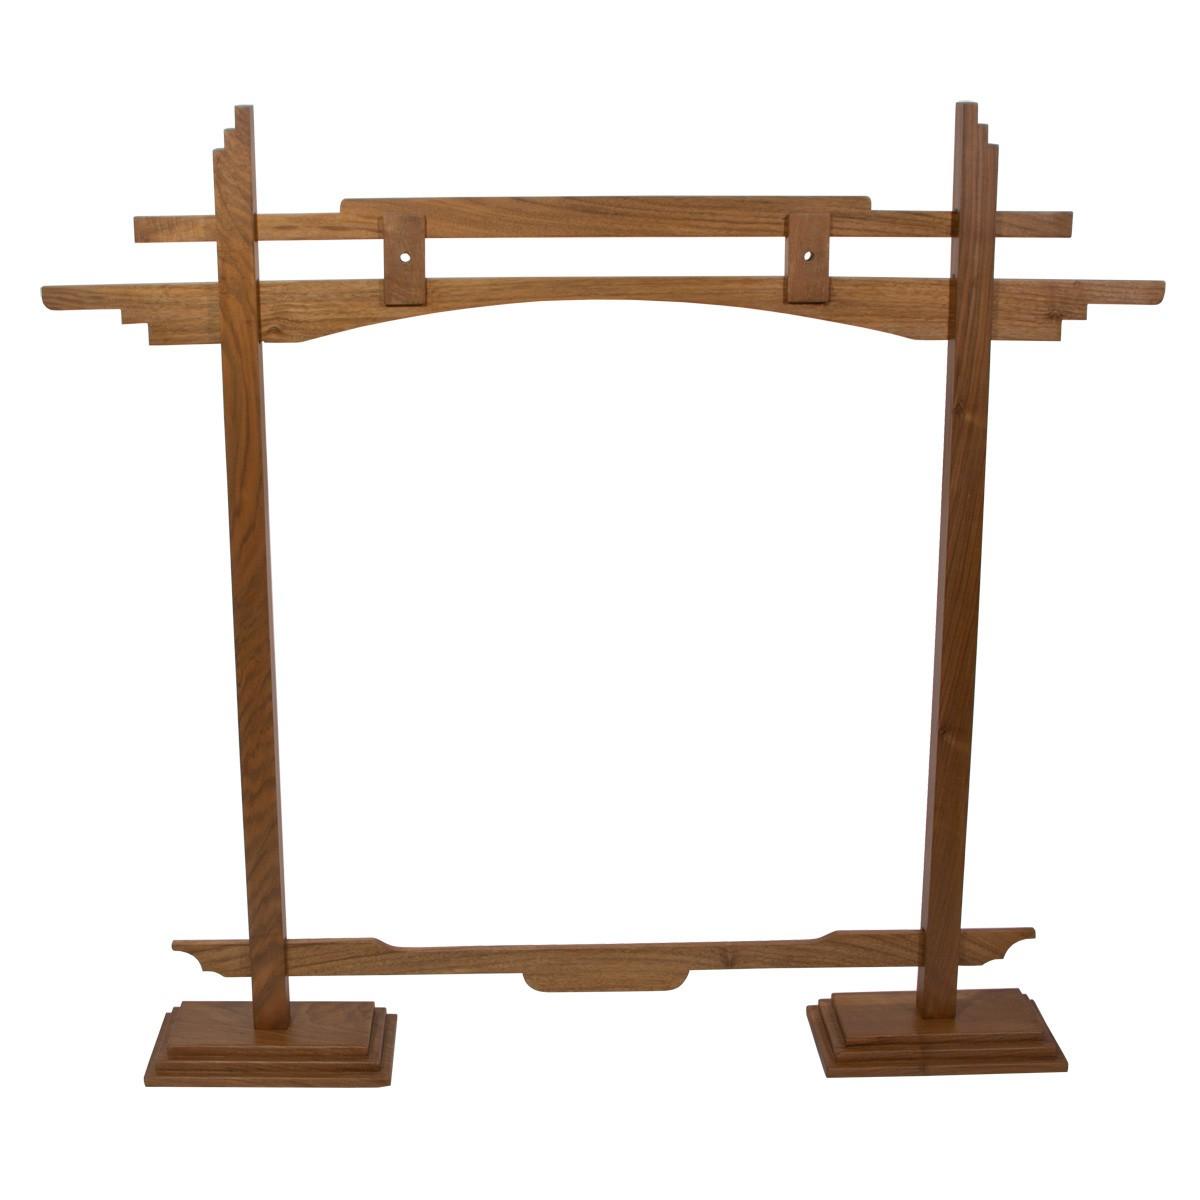 DOBANI Pedestal Gong Stand 26-Inch - Walnut *Blemished